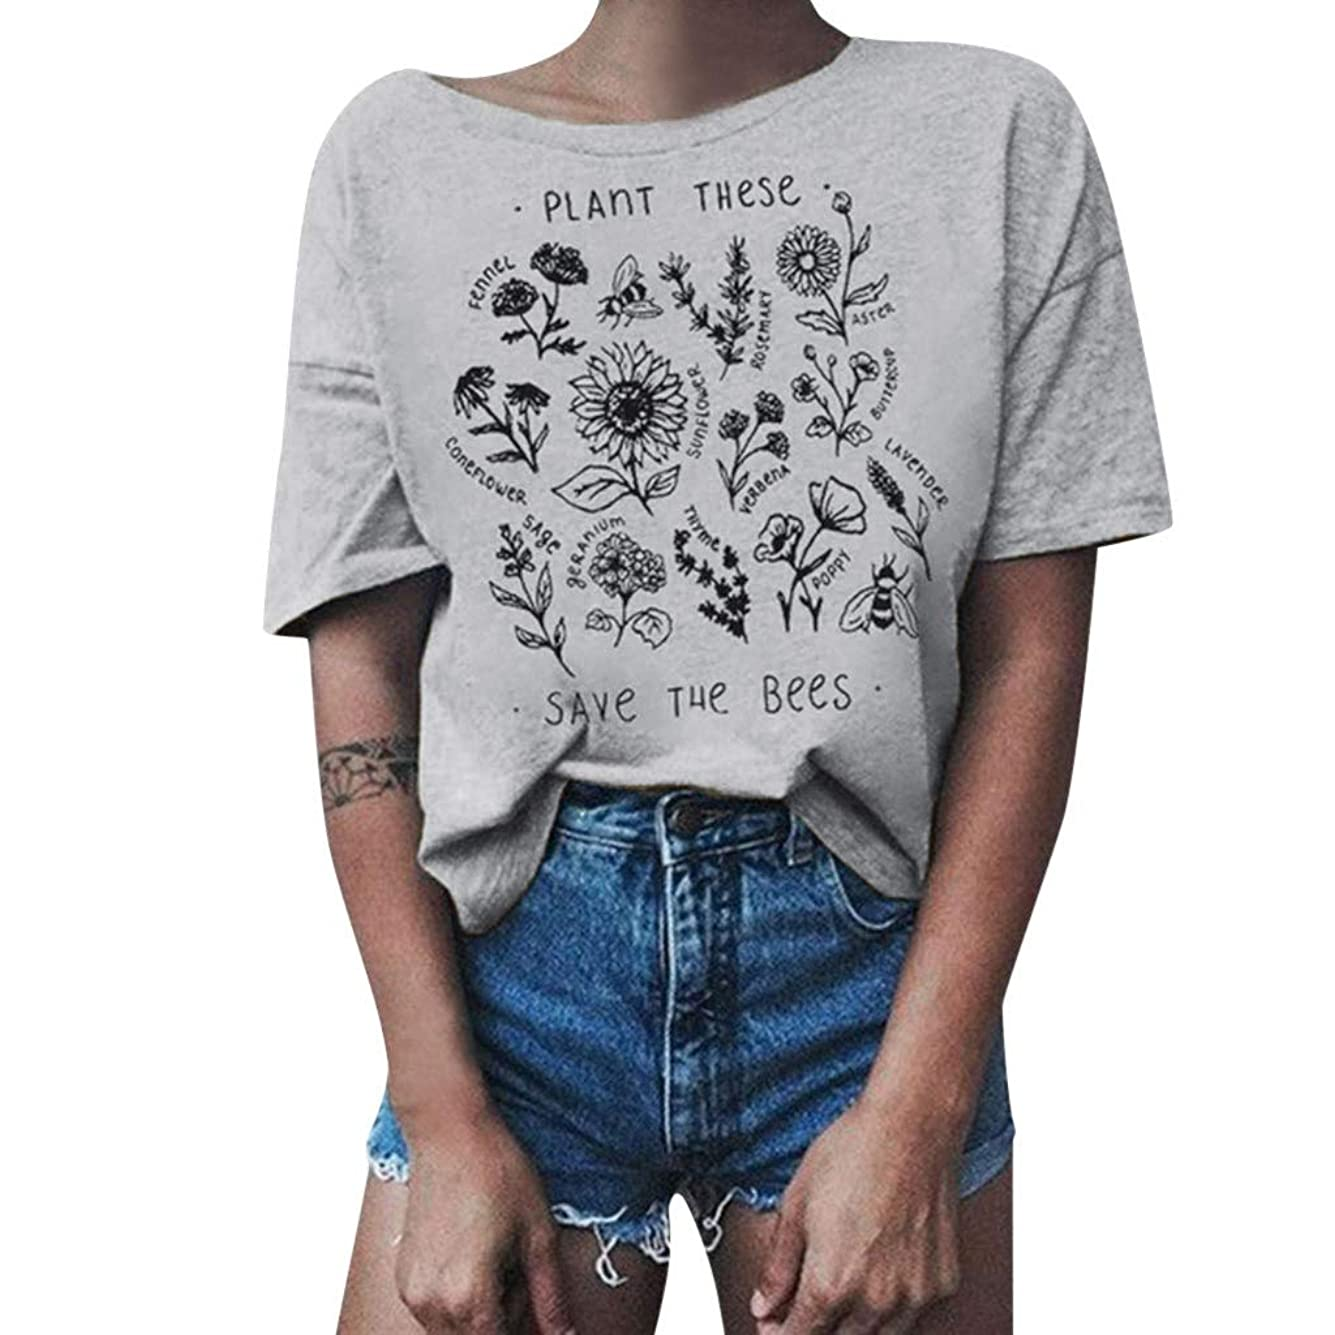 お香エキサイティング待ってTシャツ レディース 半袖 おおきいサイズ ビンテージ 花柄 ラウンドネック ビジネス 学生 洋服 お出かけ ワイシャツ 流行り ブラウス 軽い 柔らかい かっこいい カジュアル シンプル オシャレ 春夏 対応 可愛い 欧米風 日韓風